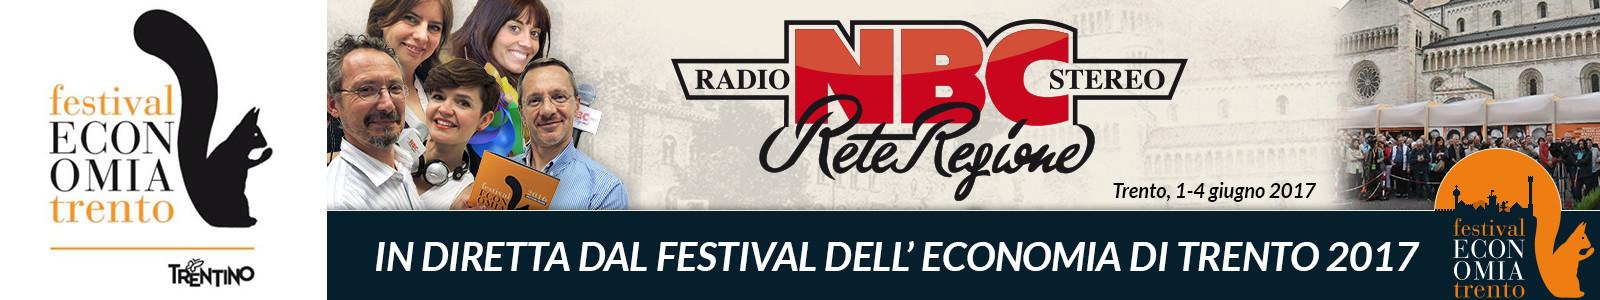 Festival dell' Economia Trento 2017